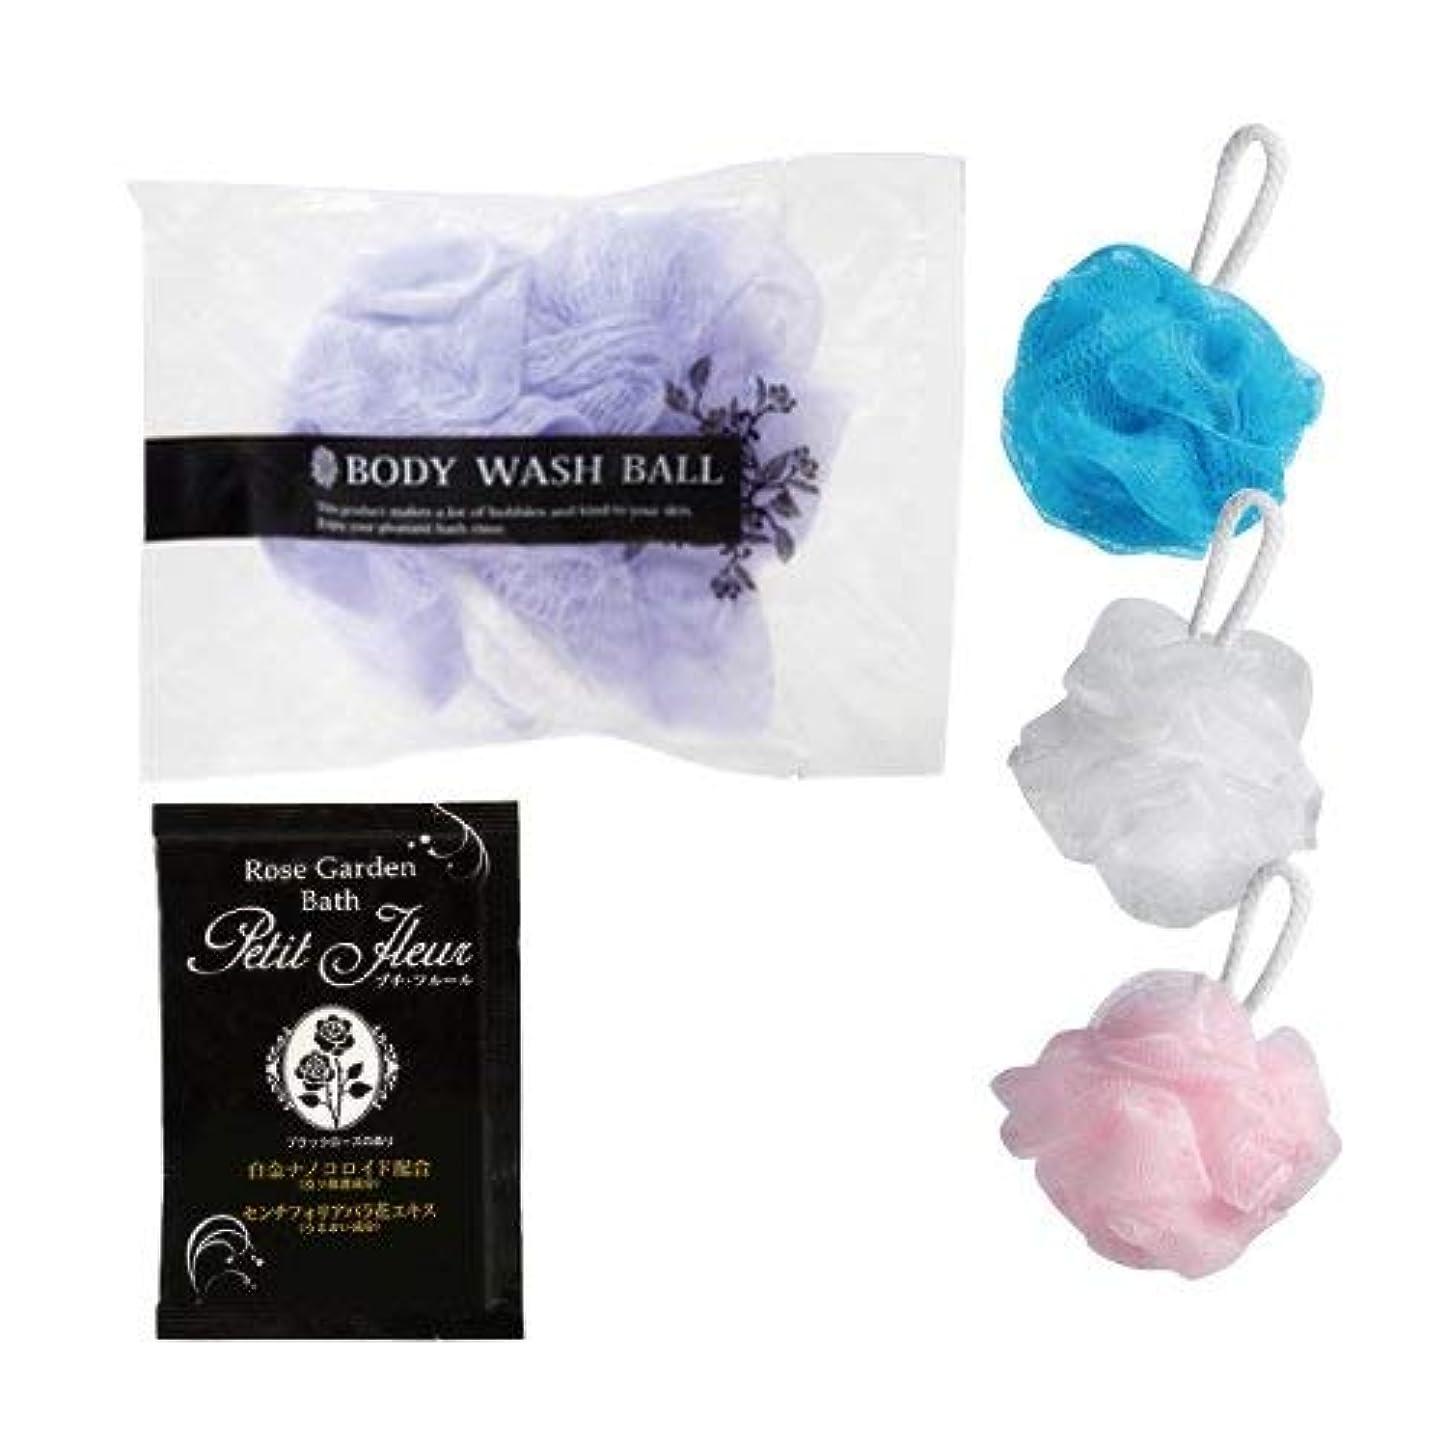 どきどき抑制スラッシュボディウォッシュボール 個包装 (4色アソート) 4個 + 入浴剤プチフルール(1回分) - BODY WASH BALL